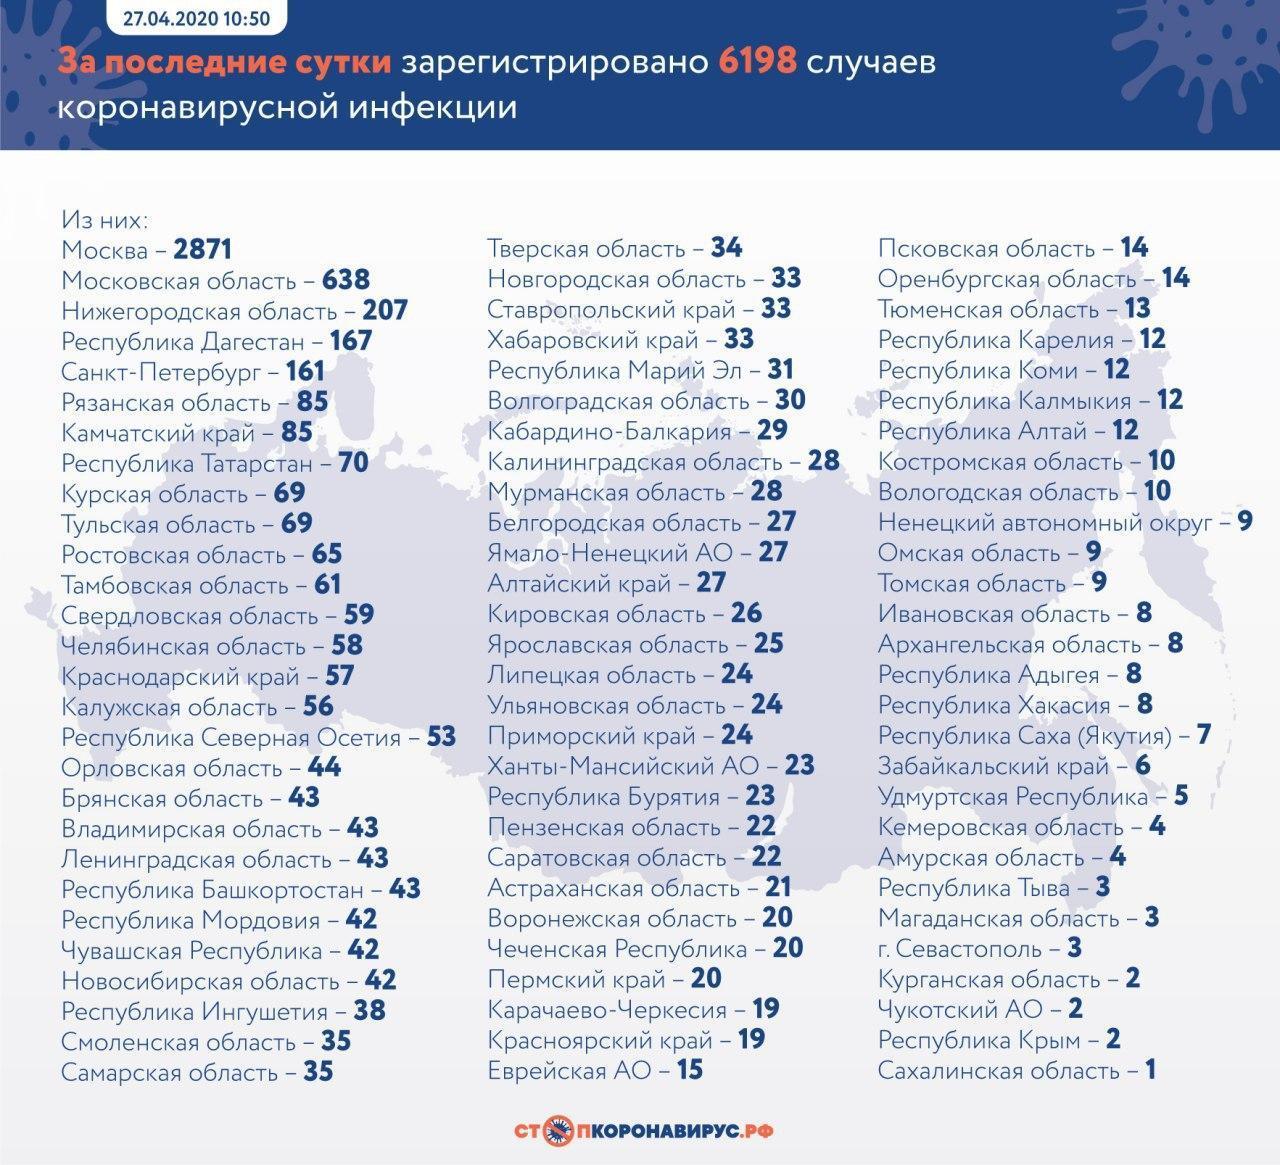 Фото © Стопкоронавирус.рф